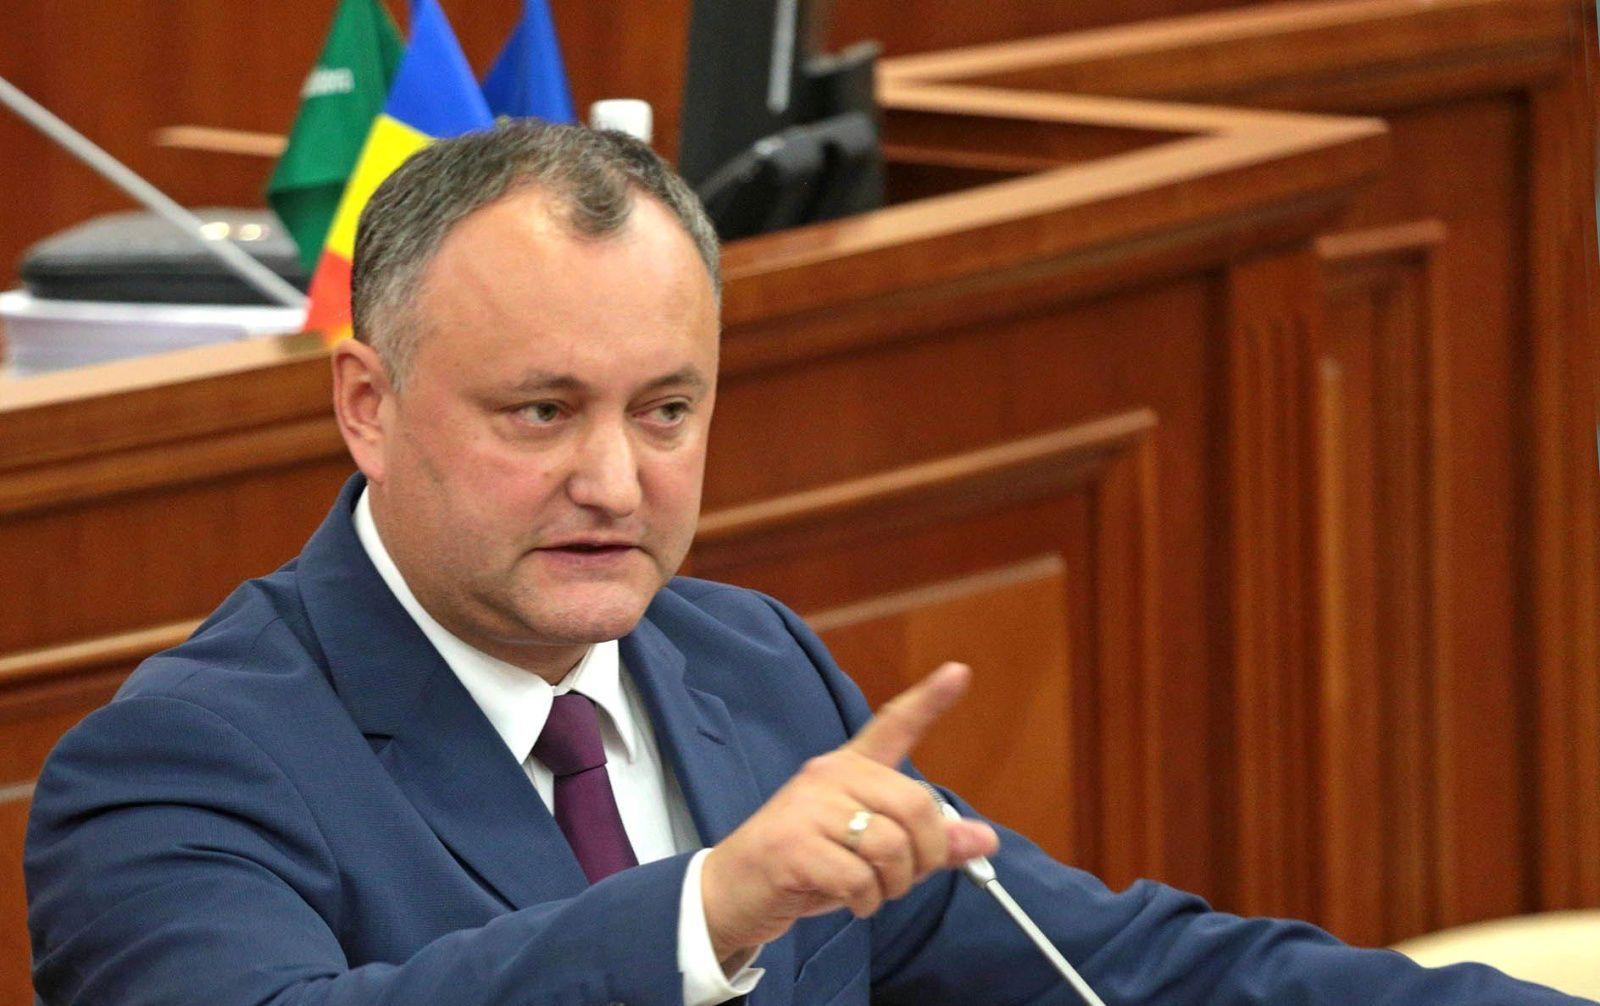 Додон оказался невсостоянии ветировать закон против русских СМИ